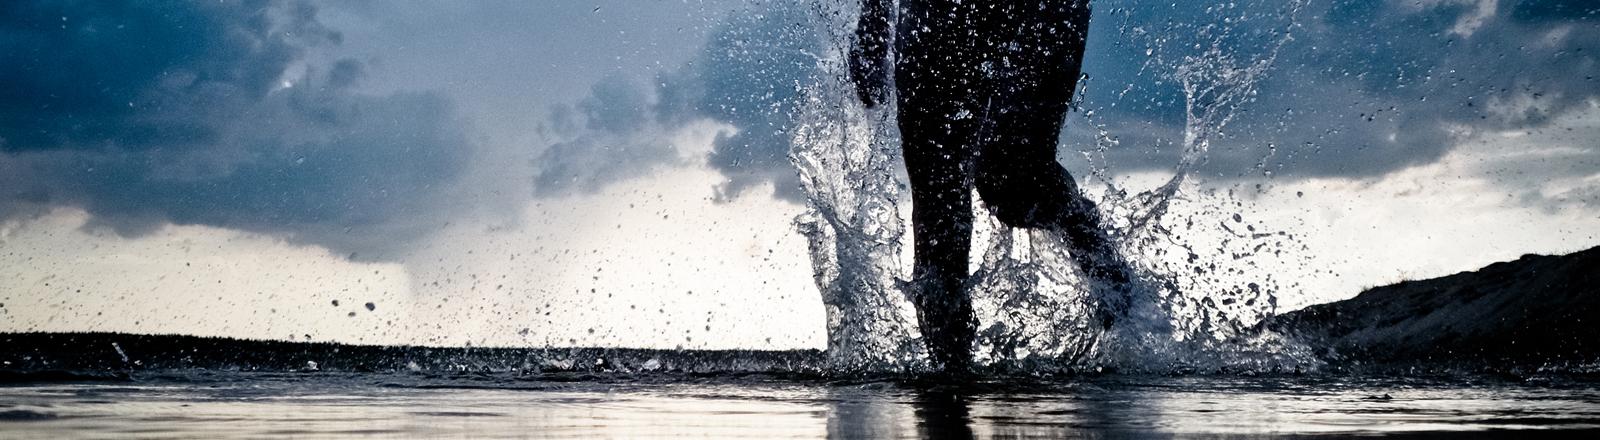 Jemand läuft übers Wasser.